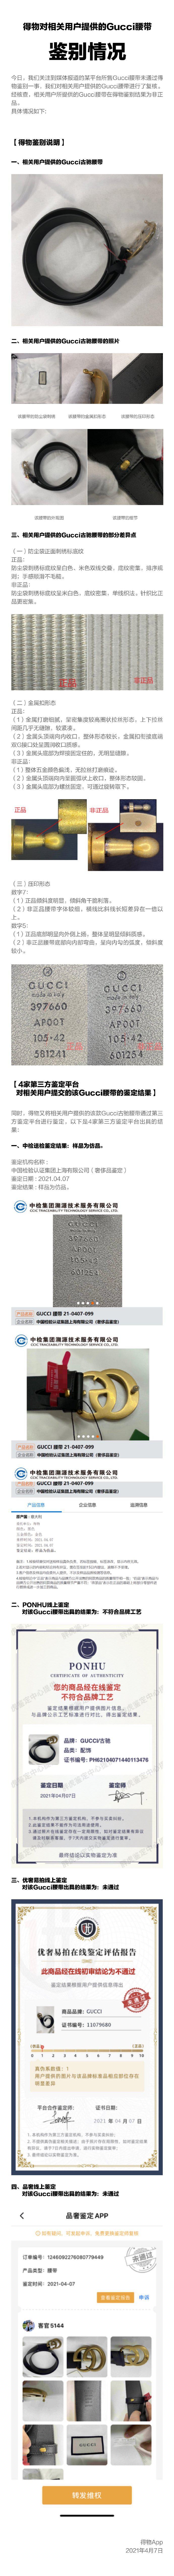 《【摩臣平台注册网址】得物再回应唯品会所购Gucci腰带为假货:复核仍为非正品》